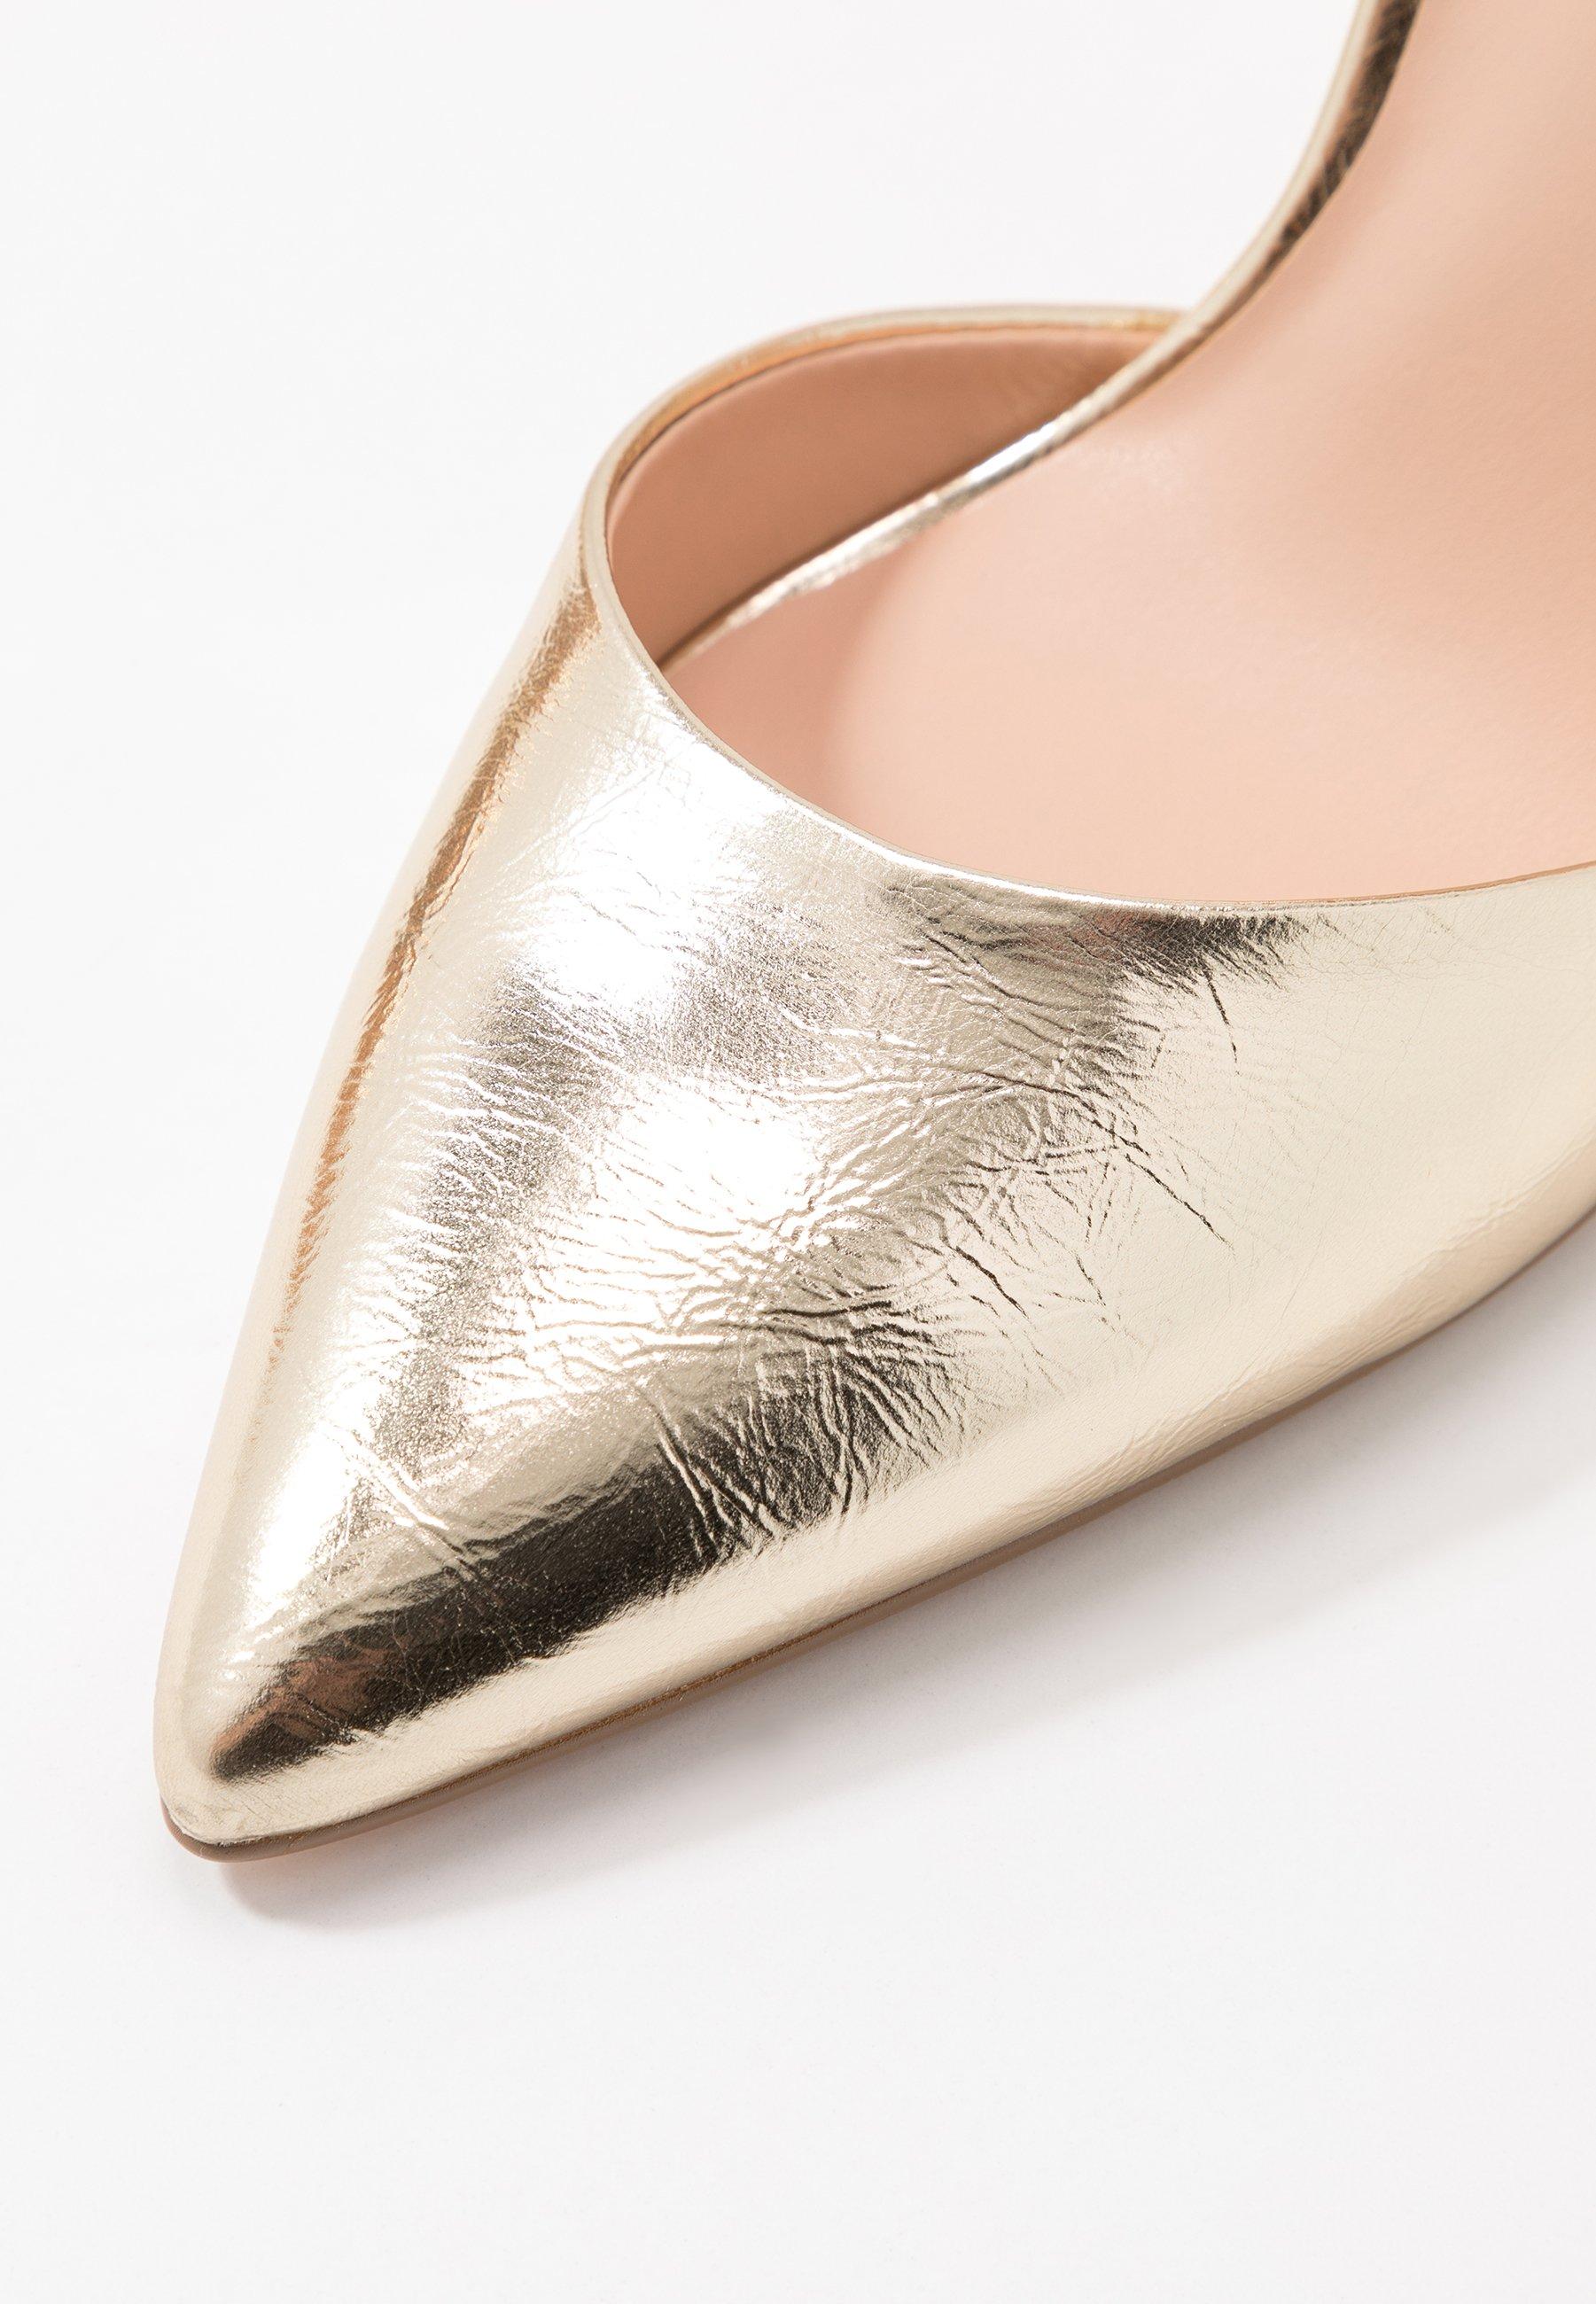 Even&Odd High Heel Pumps - gold Mq3m77